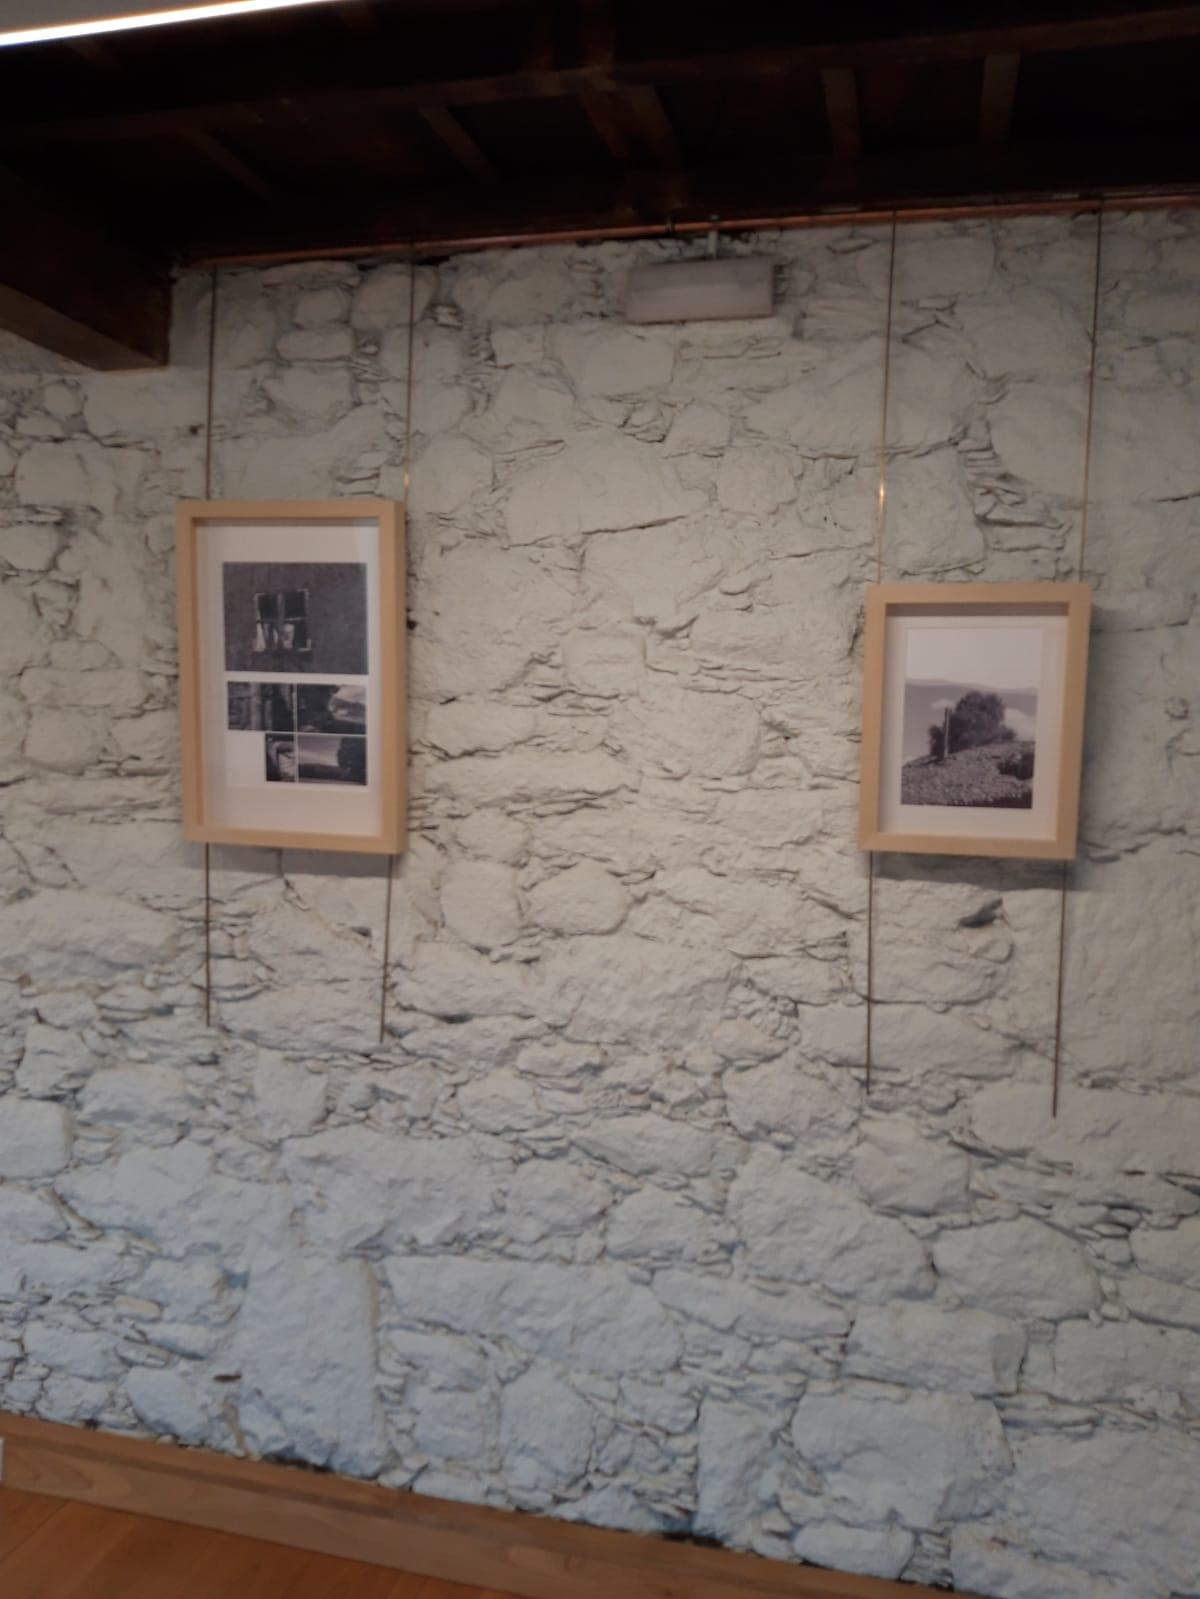 Camiños que se pechan 3, Patricia Coucheiro, castelo de Pambre, IEU